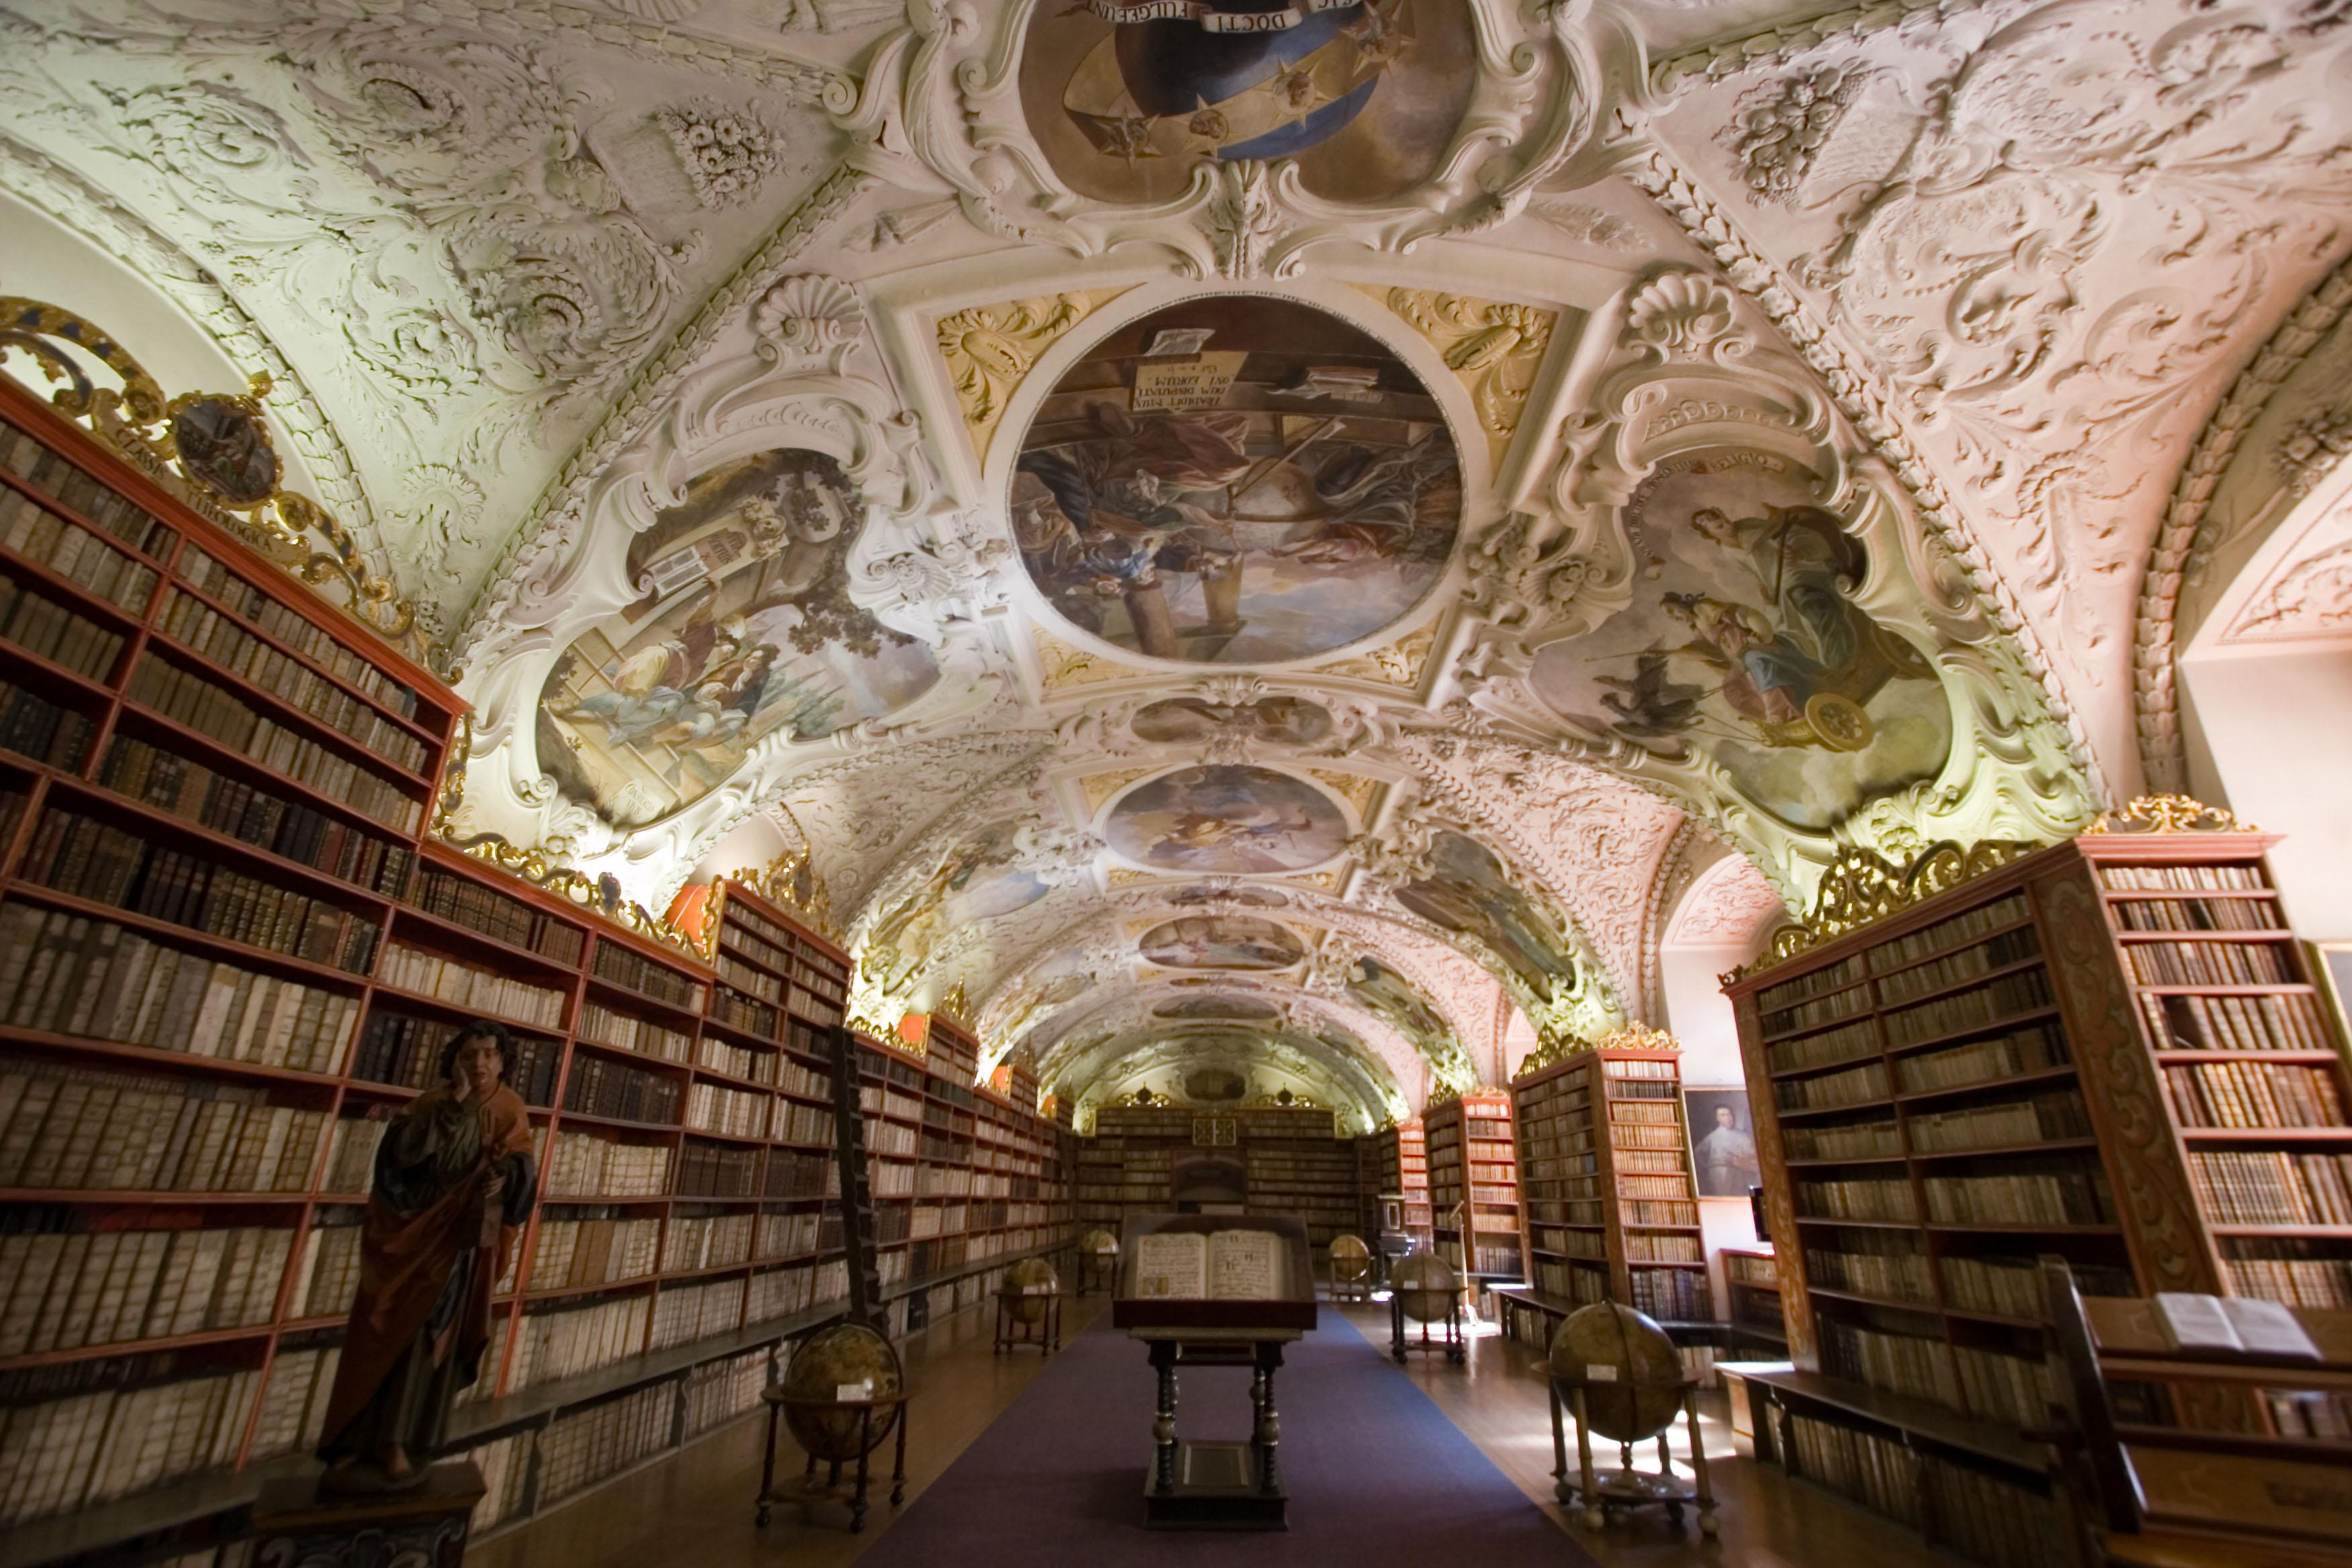 Strahov Monastery and Library (Strahovský kláster)